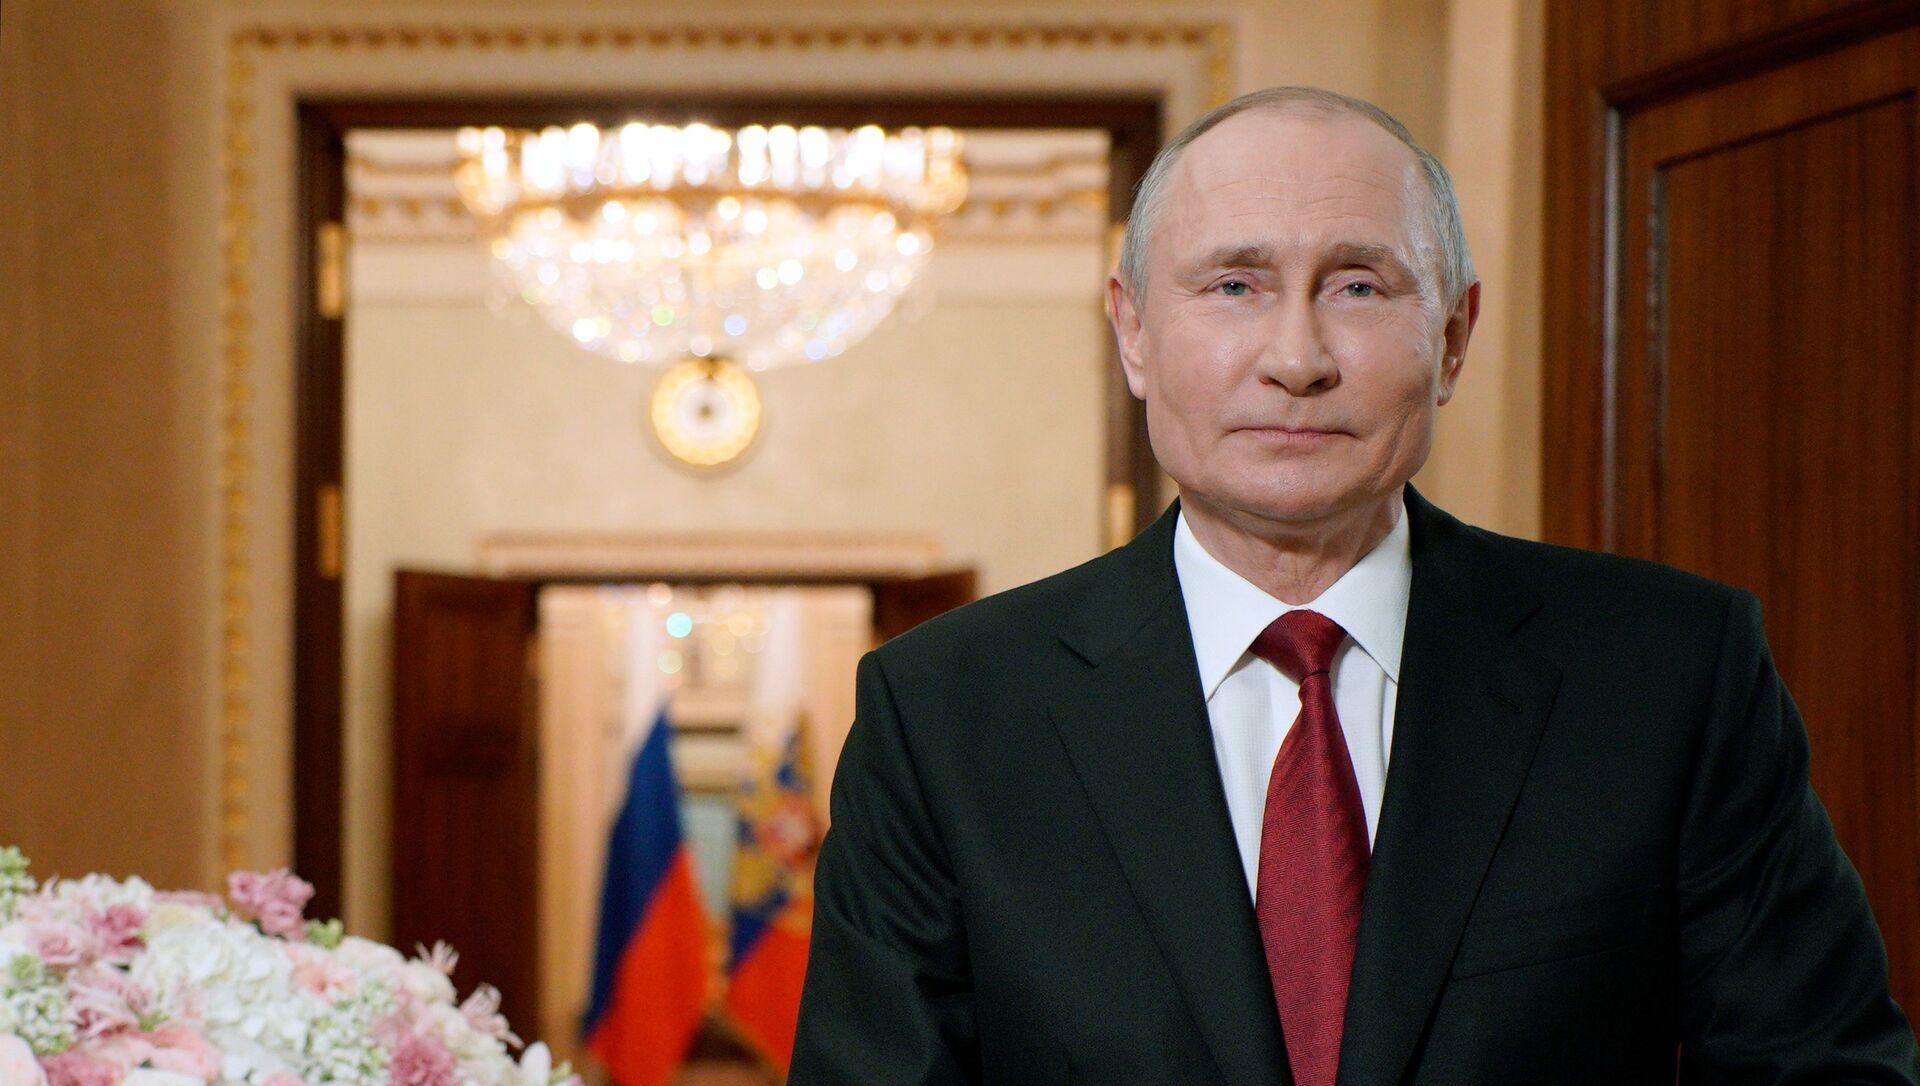 Владимир Путин честитао женама 8. март - Sputnik Србија, 1920, 08.03.2021